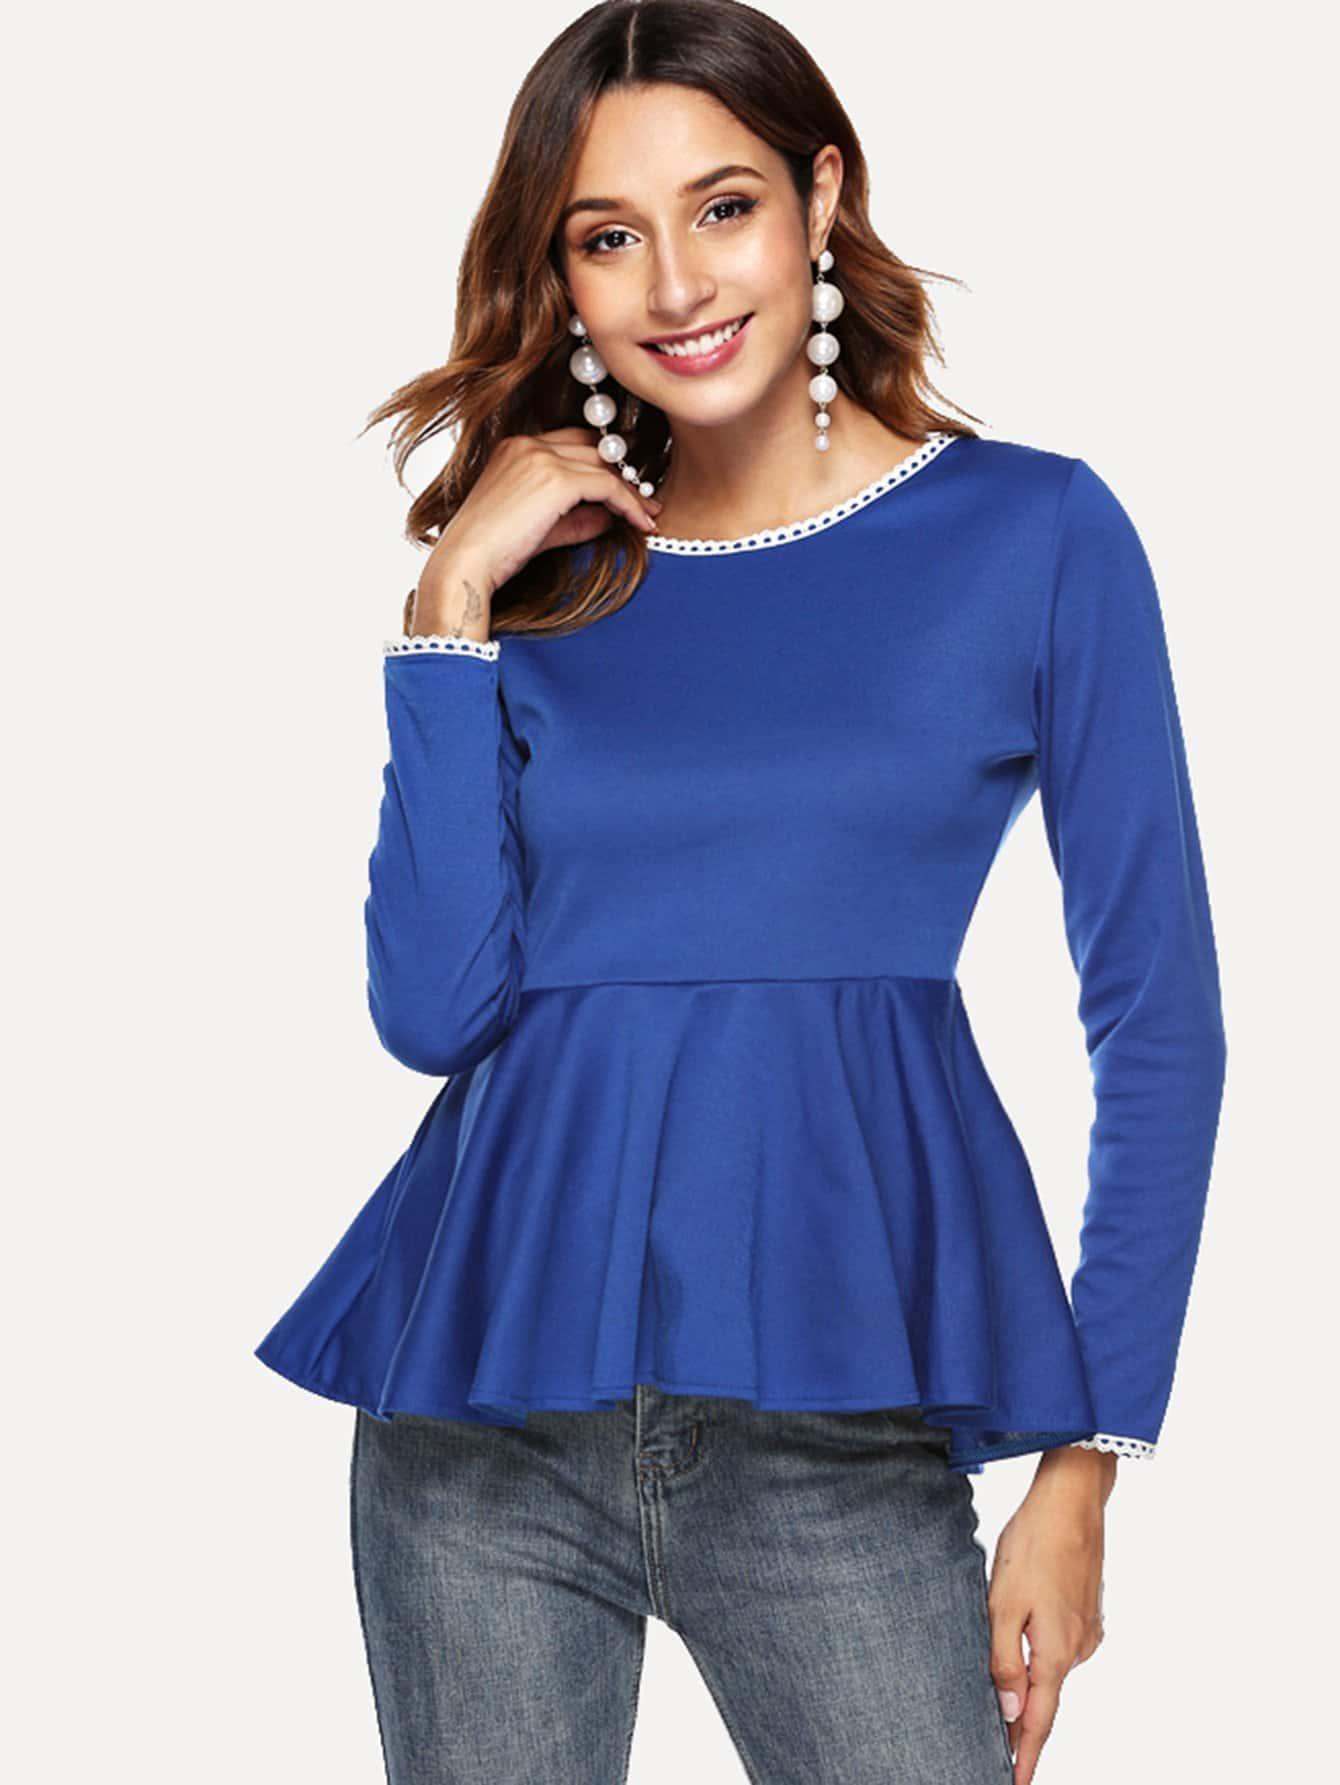 Фото - Асимметричная блуза с застёжкой молния от SheIn синего цвета